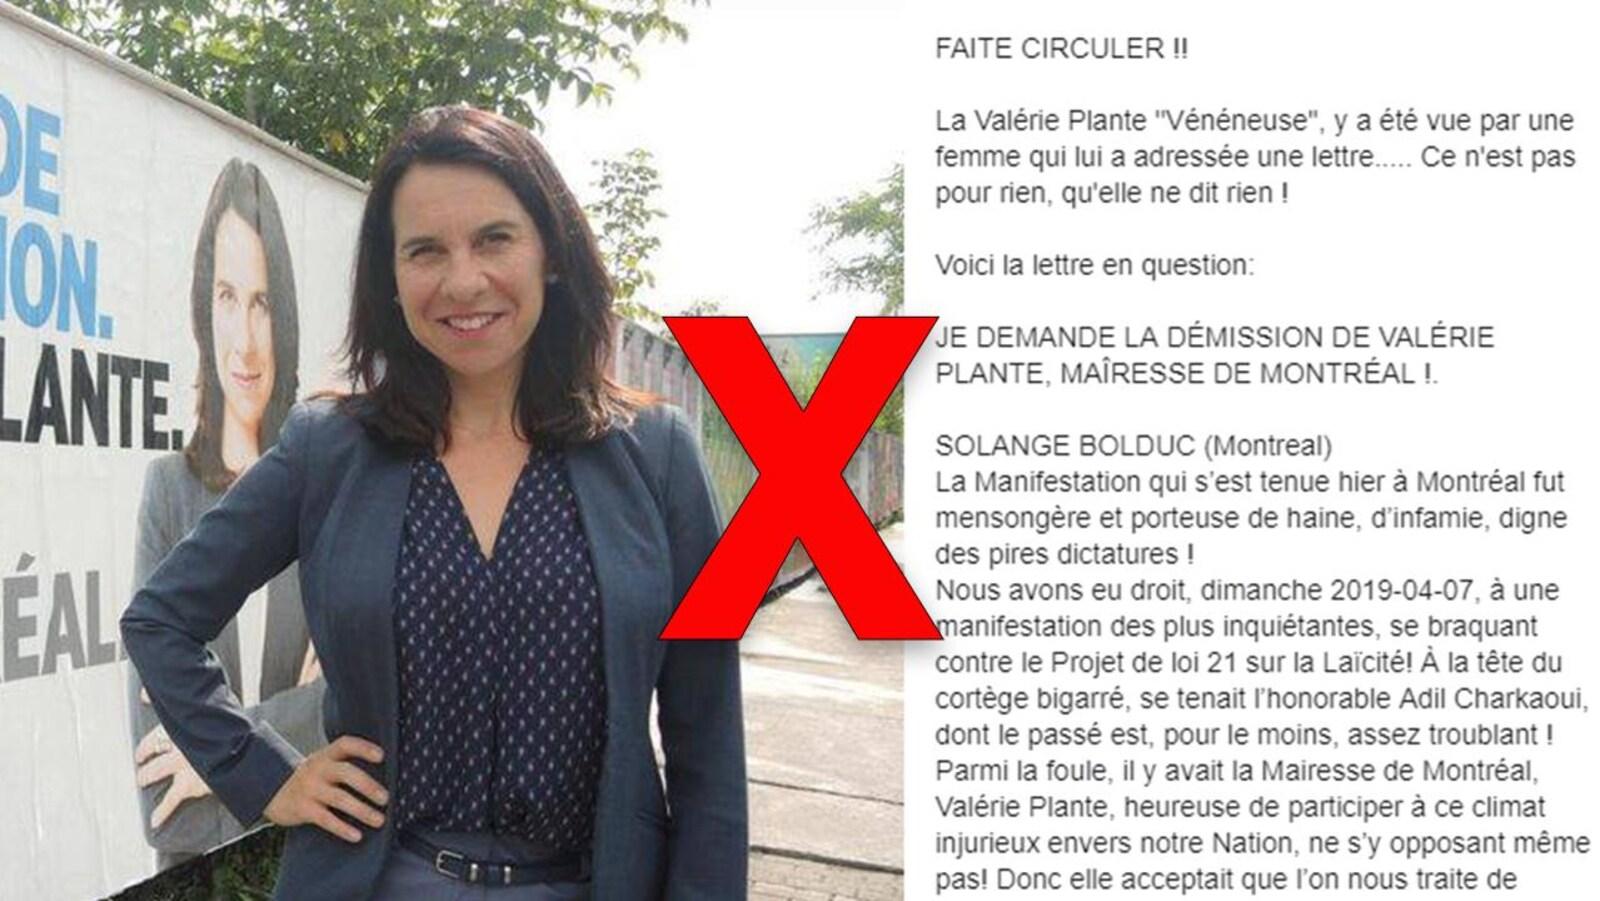 Nous voyons la mairesse Plante, ainsi qu'une lettre ouverte l'accusant d'avoir participé à une manifestation avec Adil Charkaoui.